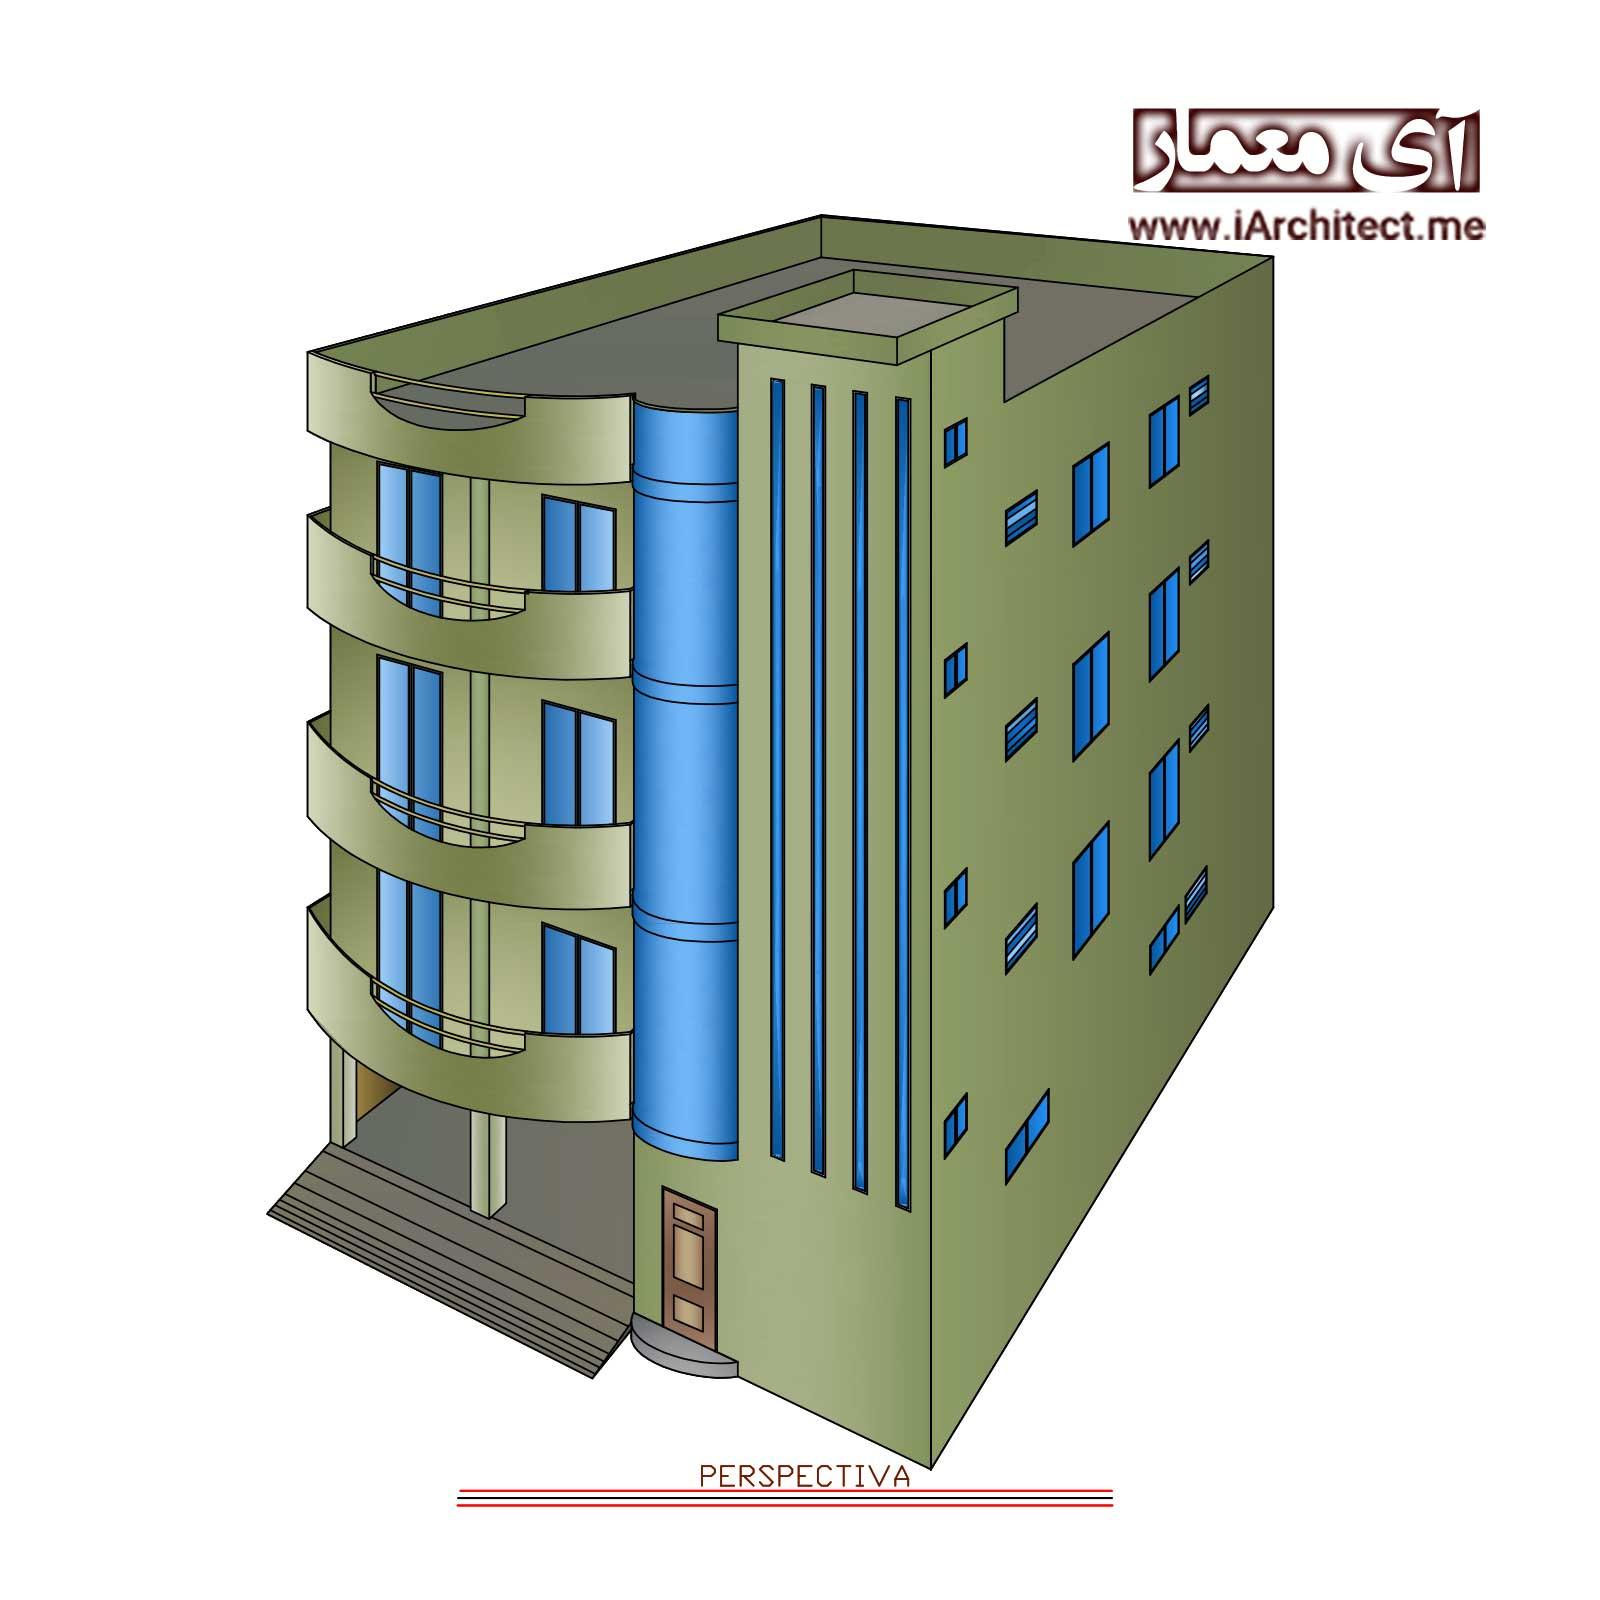 پلان آپارتمان تجاری مسکونی 4 طبقه